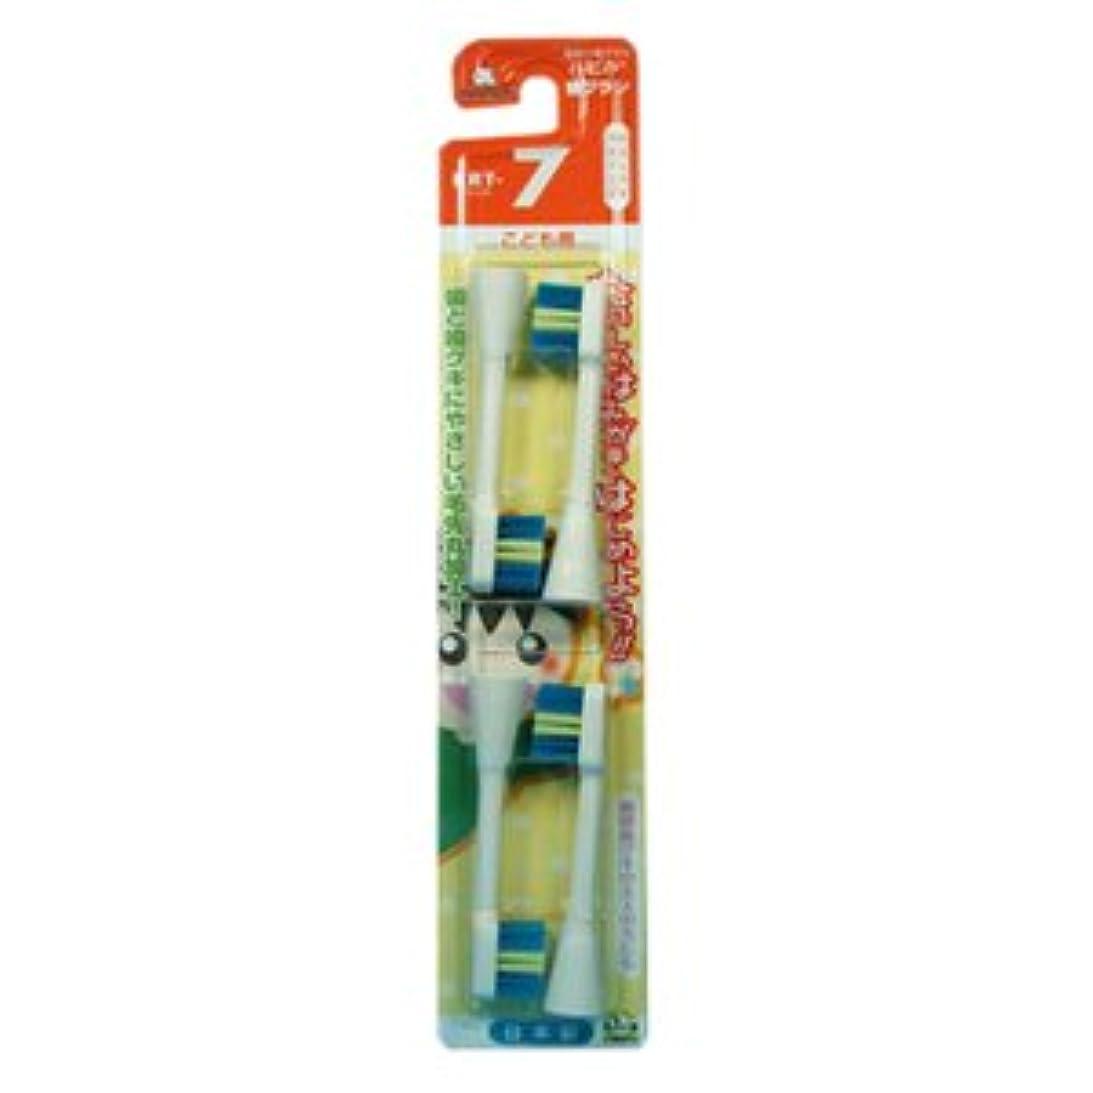 危険を冒します時制トーンミニマム 電動付歯ブラシ ハピカ 専用替ブラシ こども用 毛の硬さ:やわらかめ BRT-7 4個入